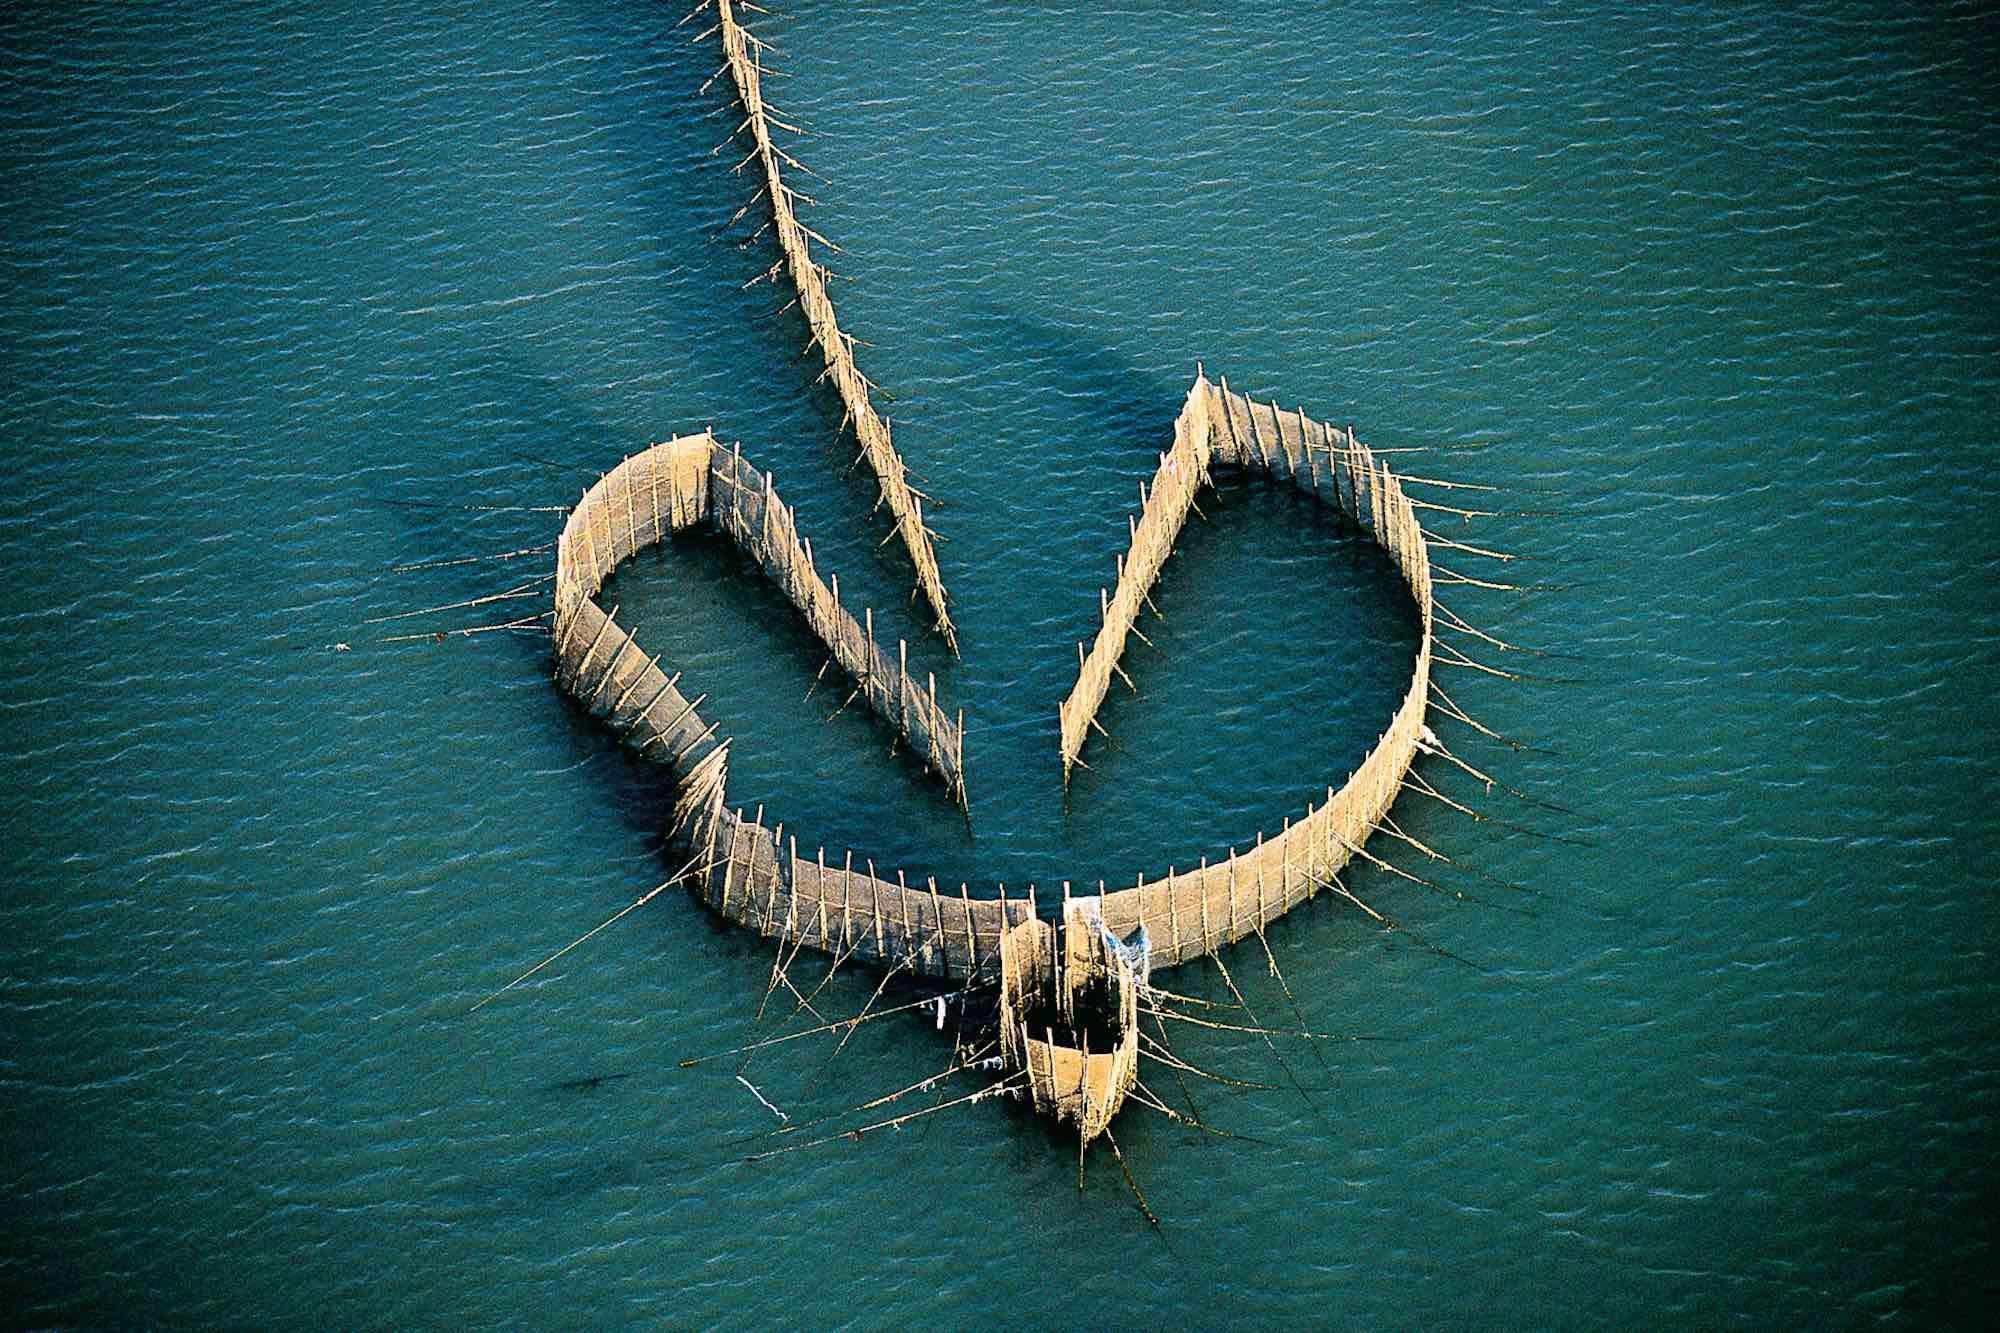 Fish trap - Yann Arthus-Bertrand